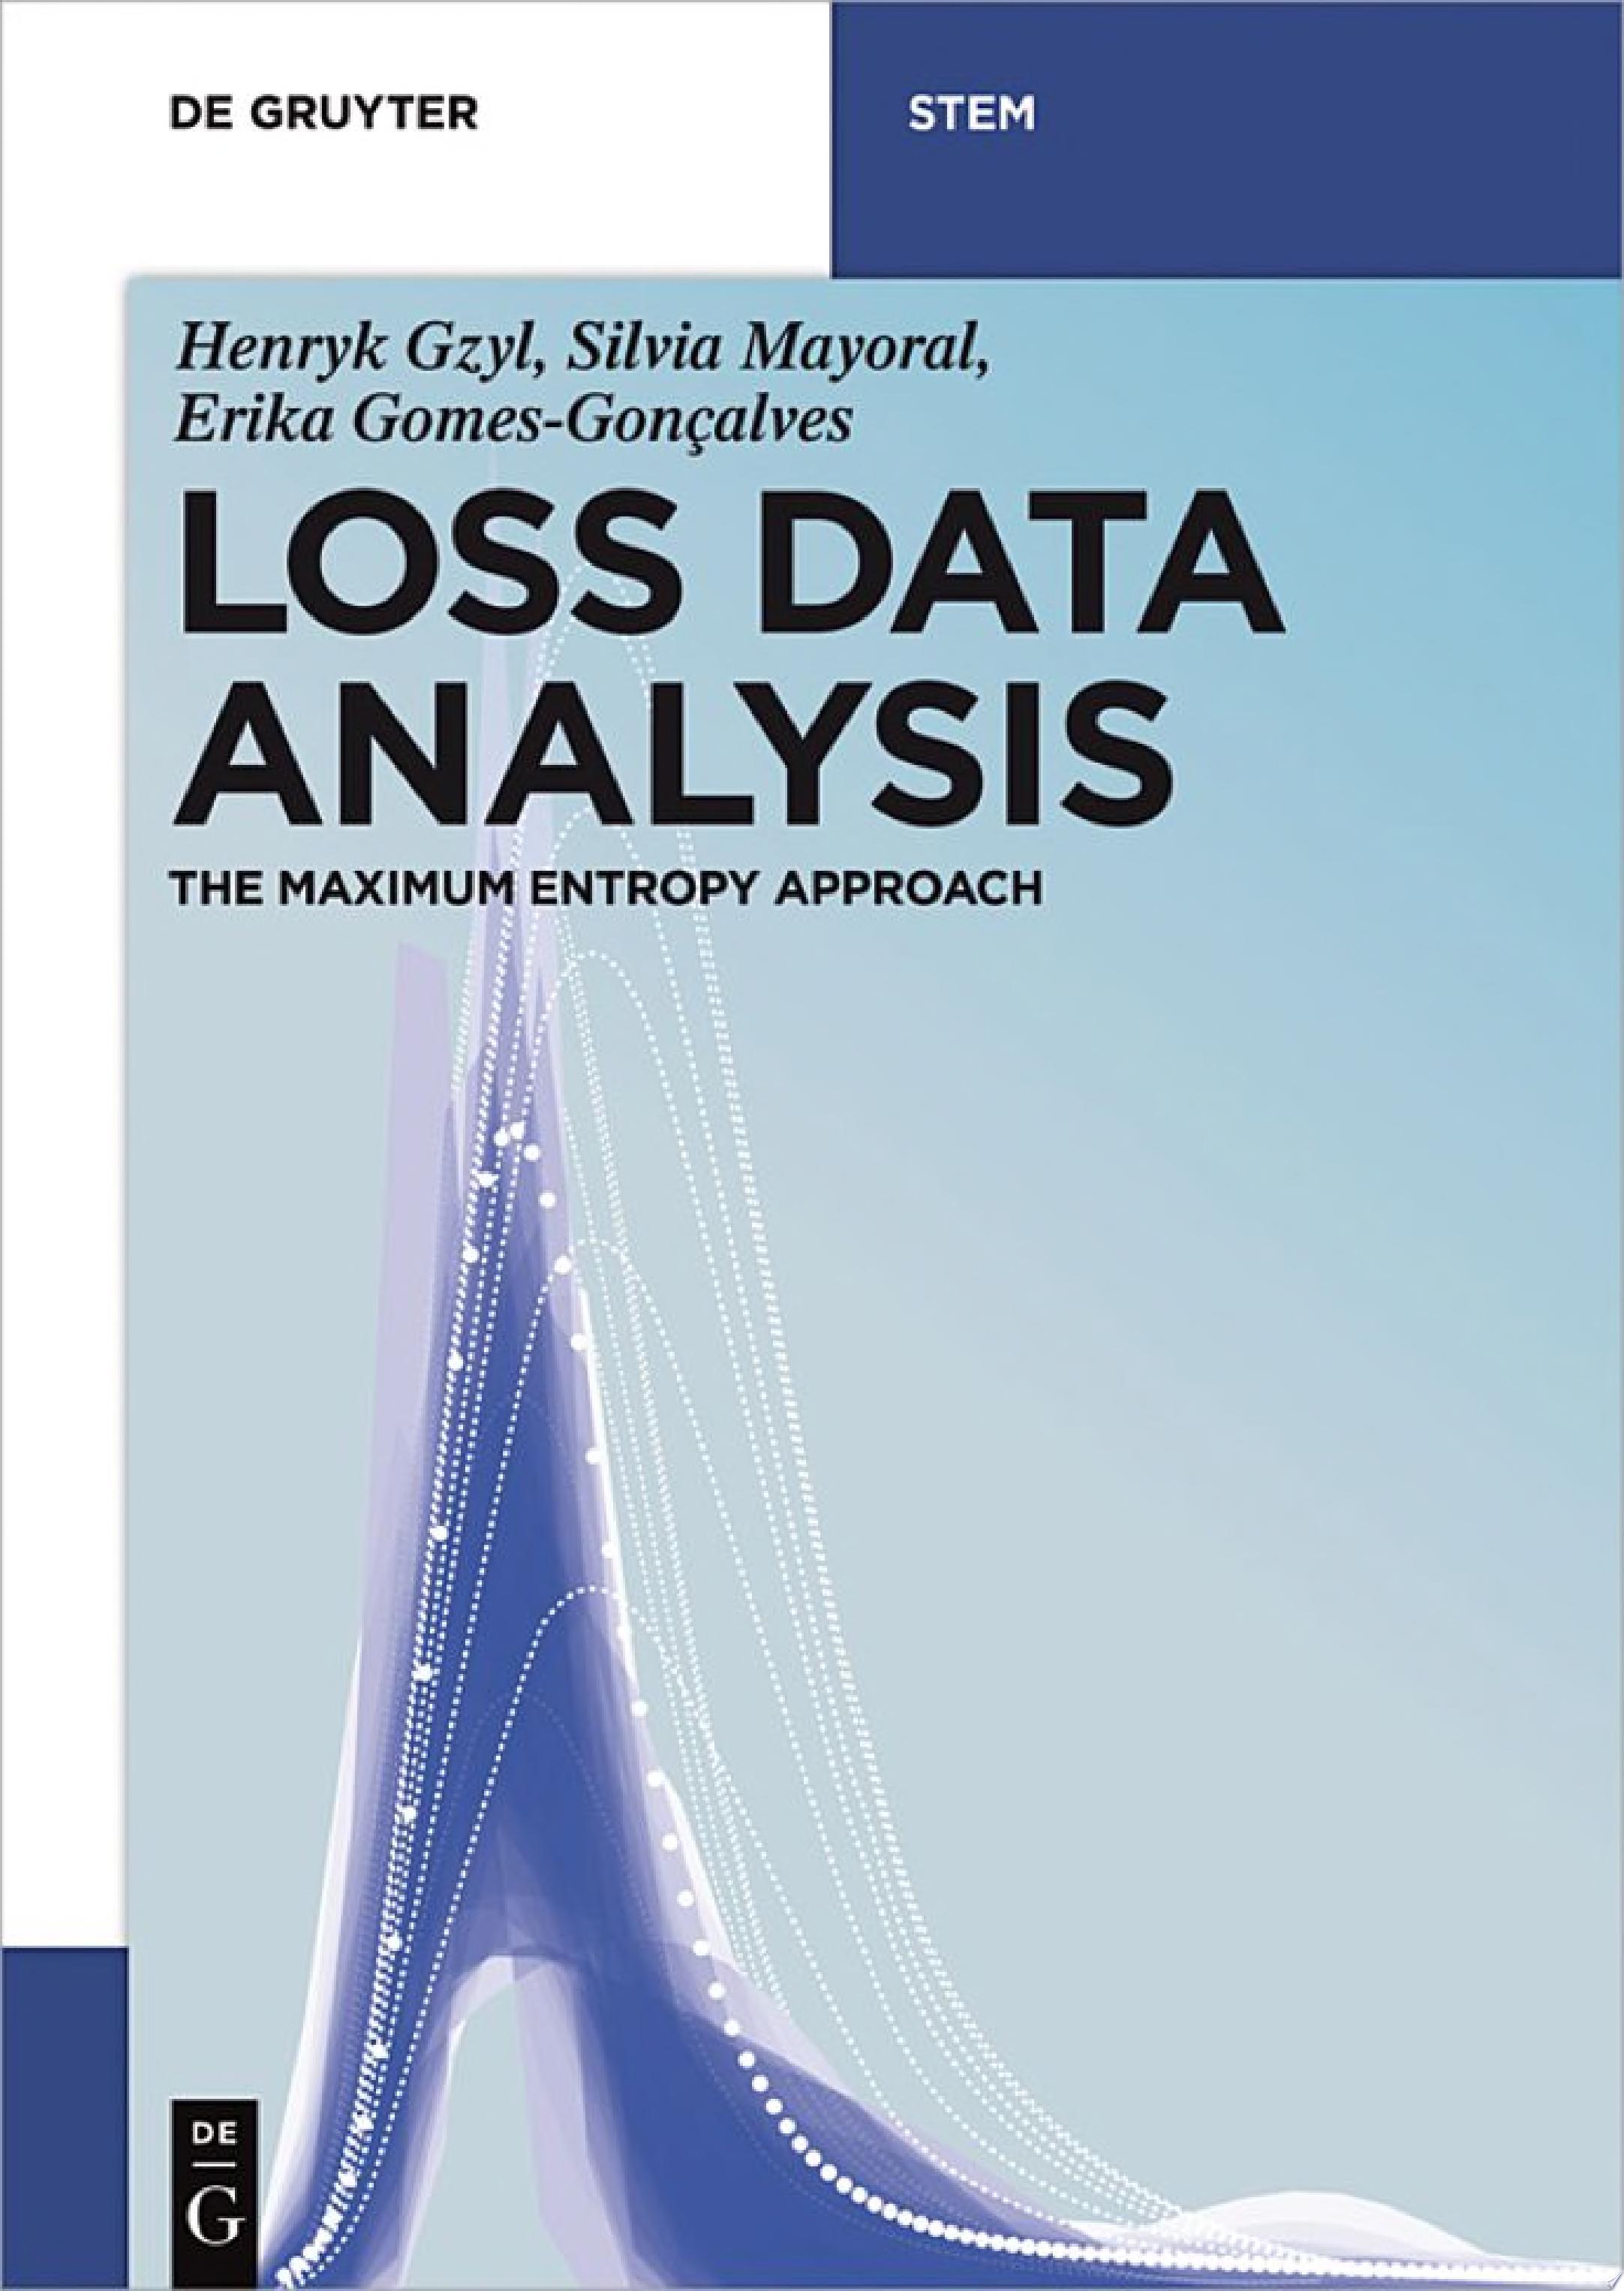 Loss Data Analysis